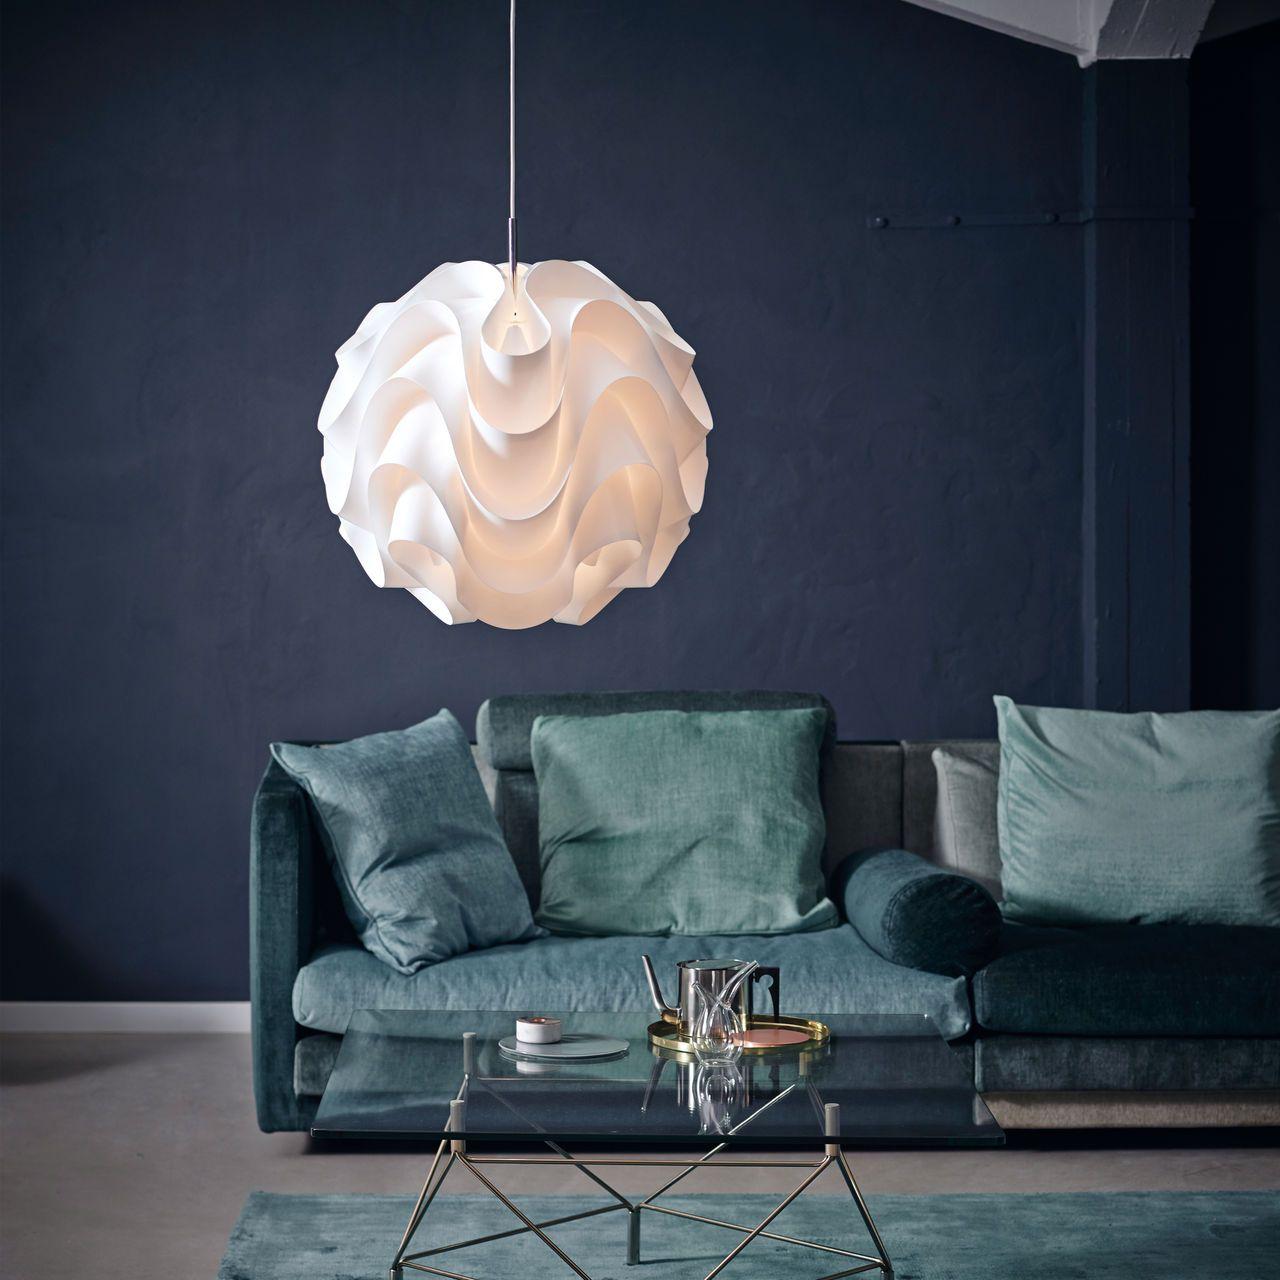 Ziemlich Eklektik Als Lifestyle Trend Interieurdesign Fotos - Heimat ...